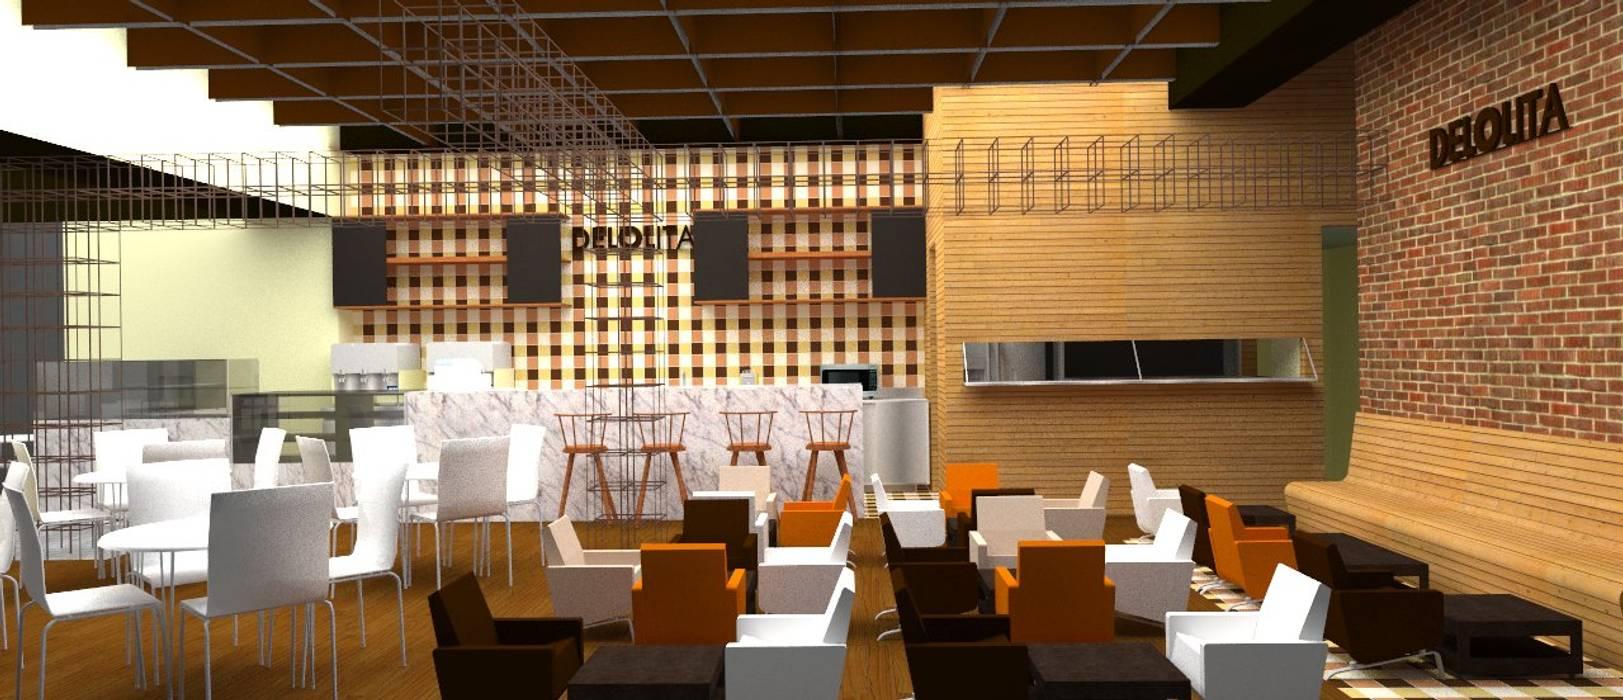 CAFÉ DE LOLITA _ Anfitrión: Locales gastronómicos de estilo  por @tresarquitectos